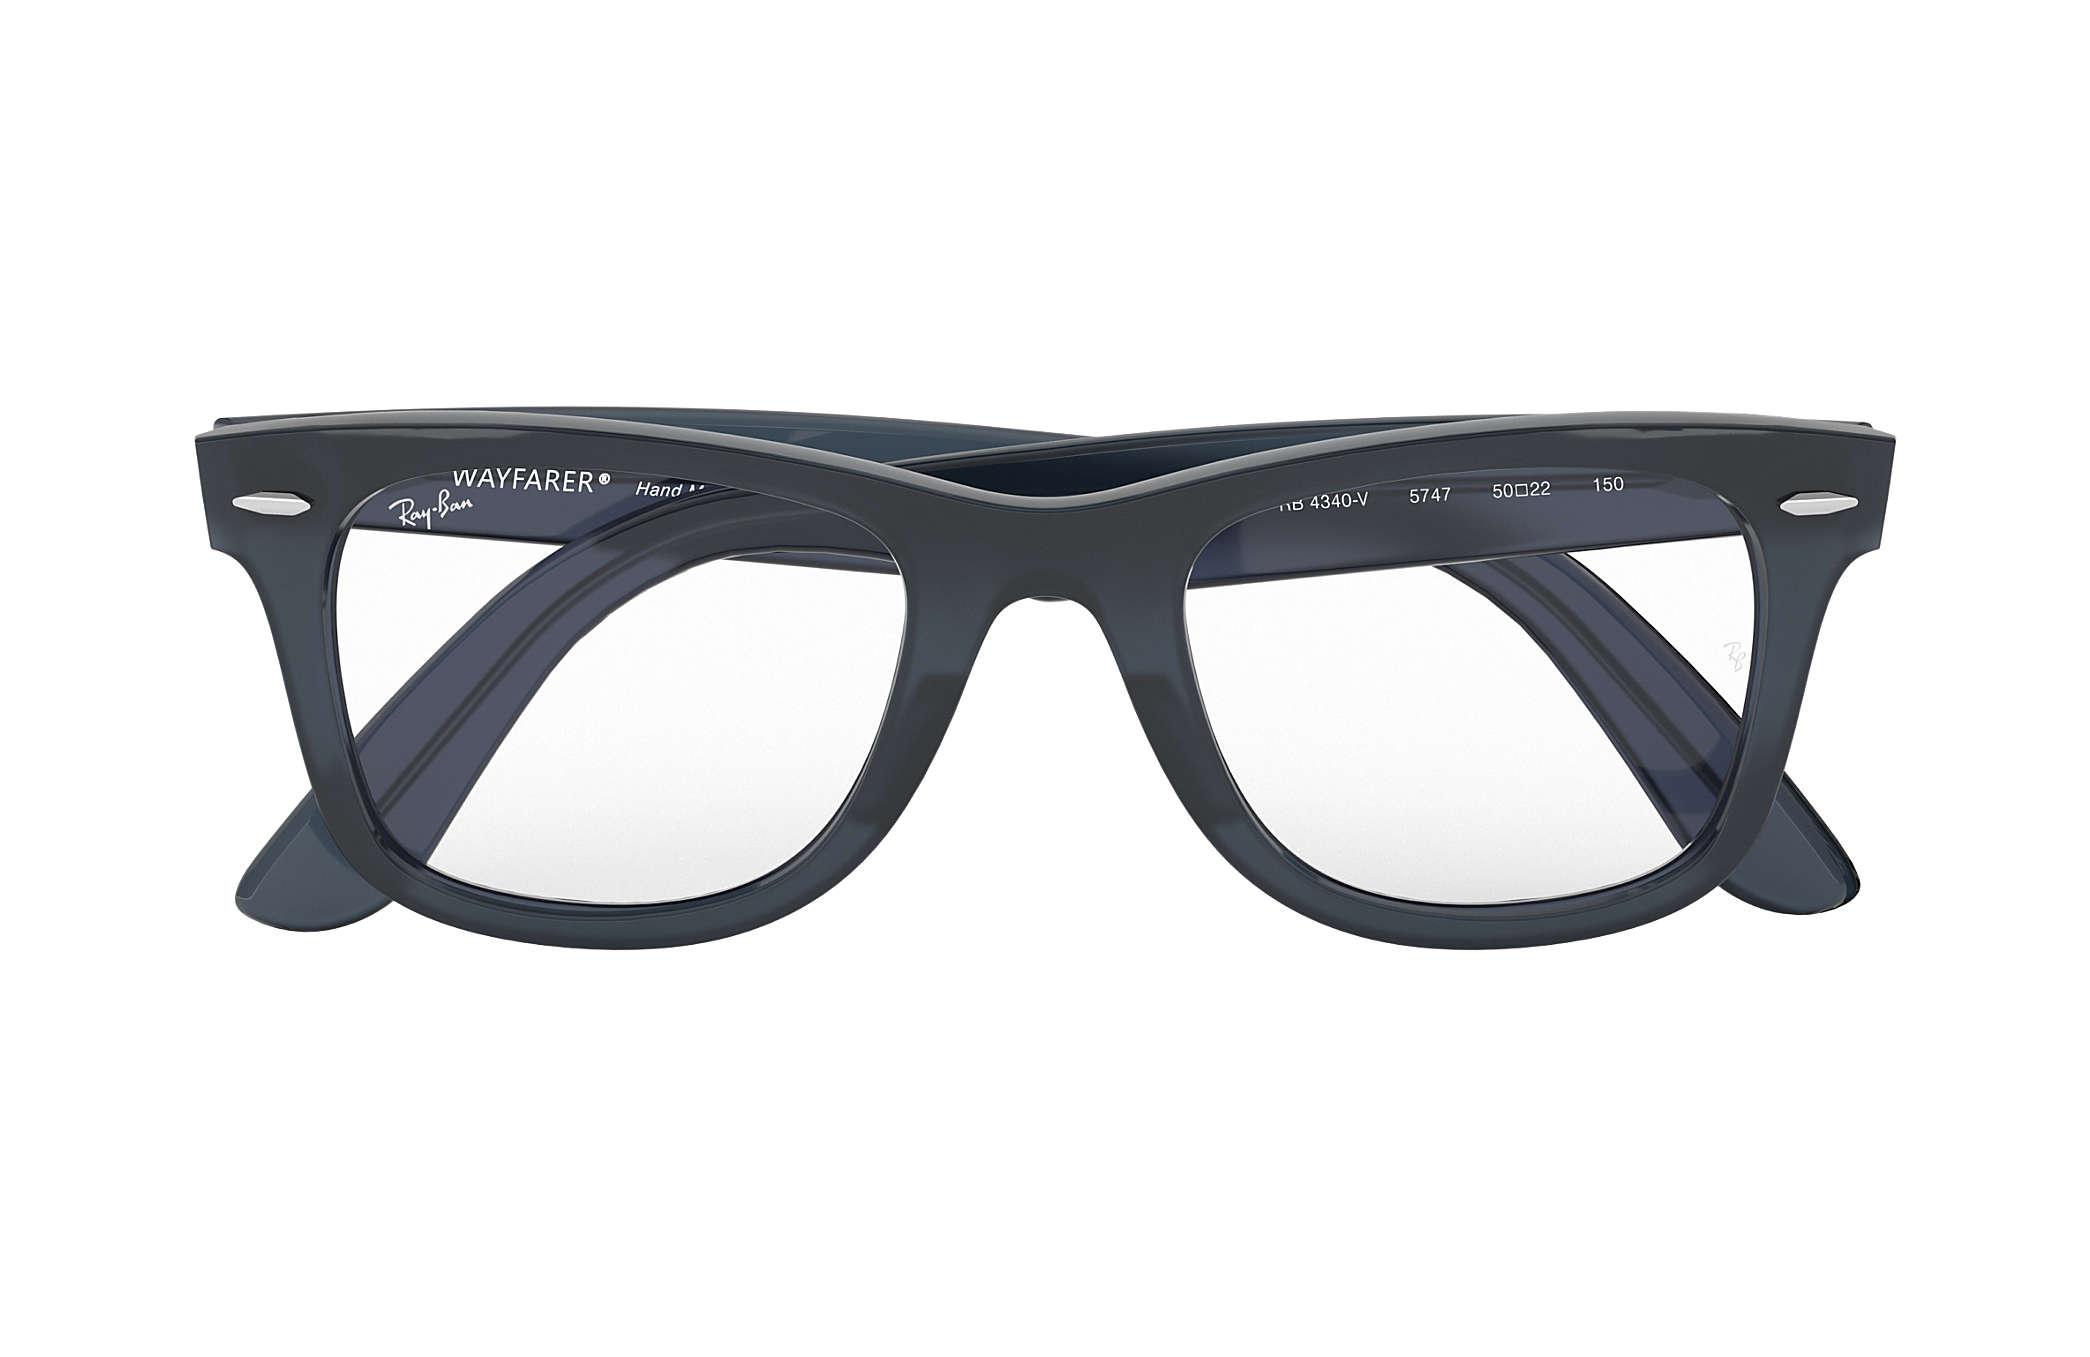 9e1b1ab0a0 Ray-Ban eyeglasses Wayfarer Ease Optics RB4340V Blue - Propionate ...